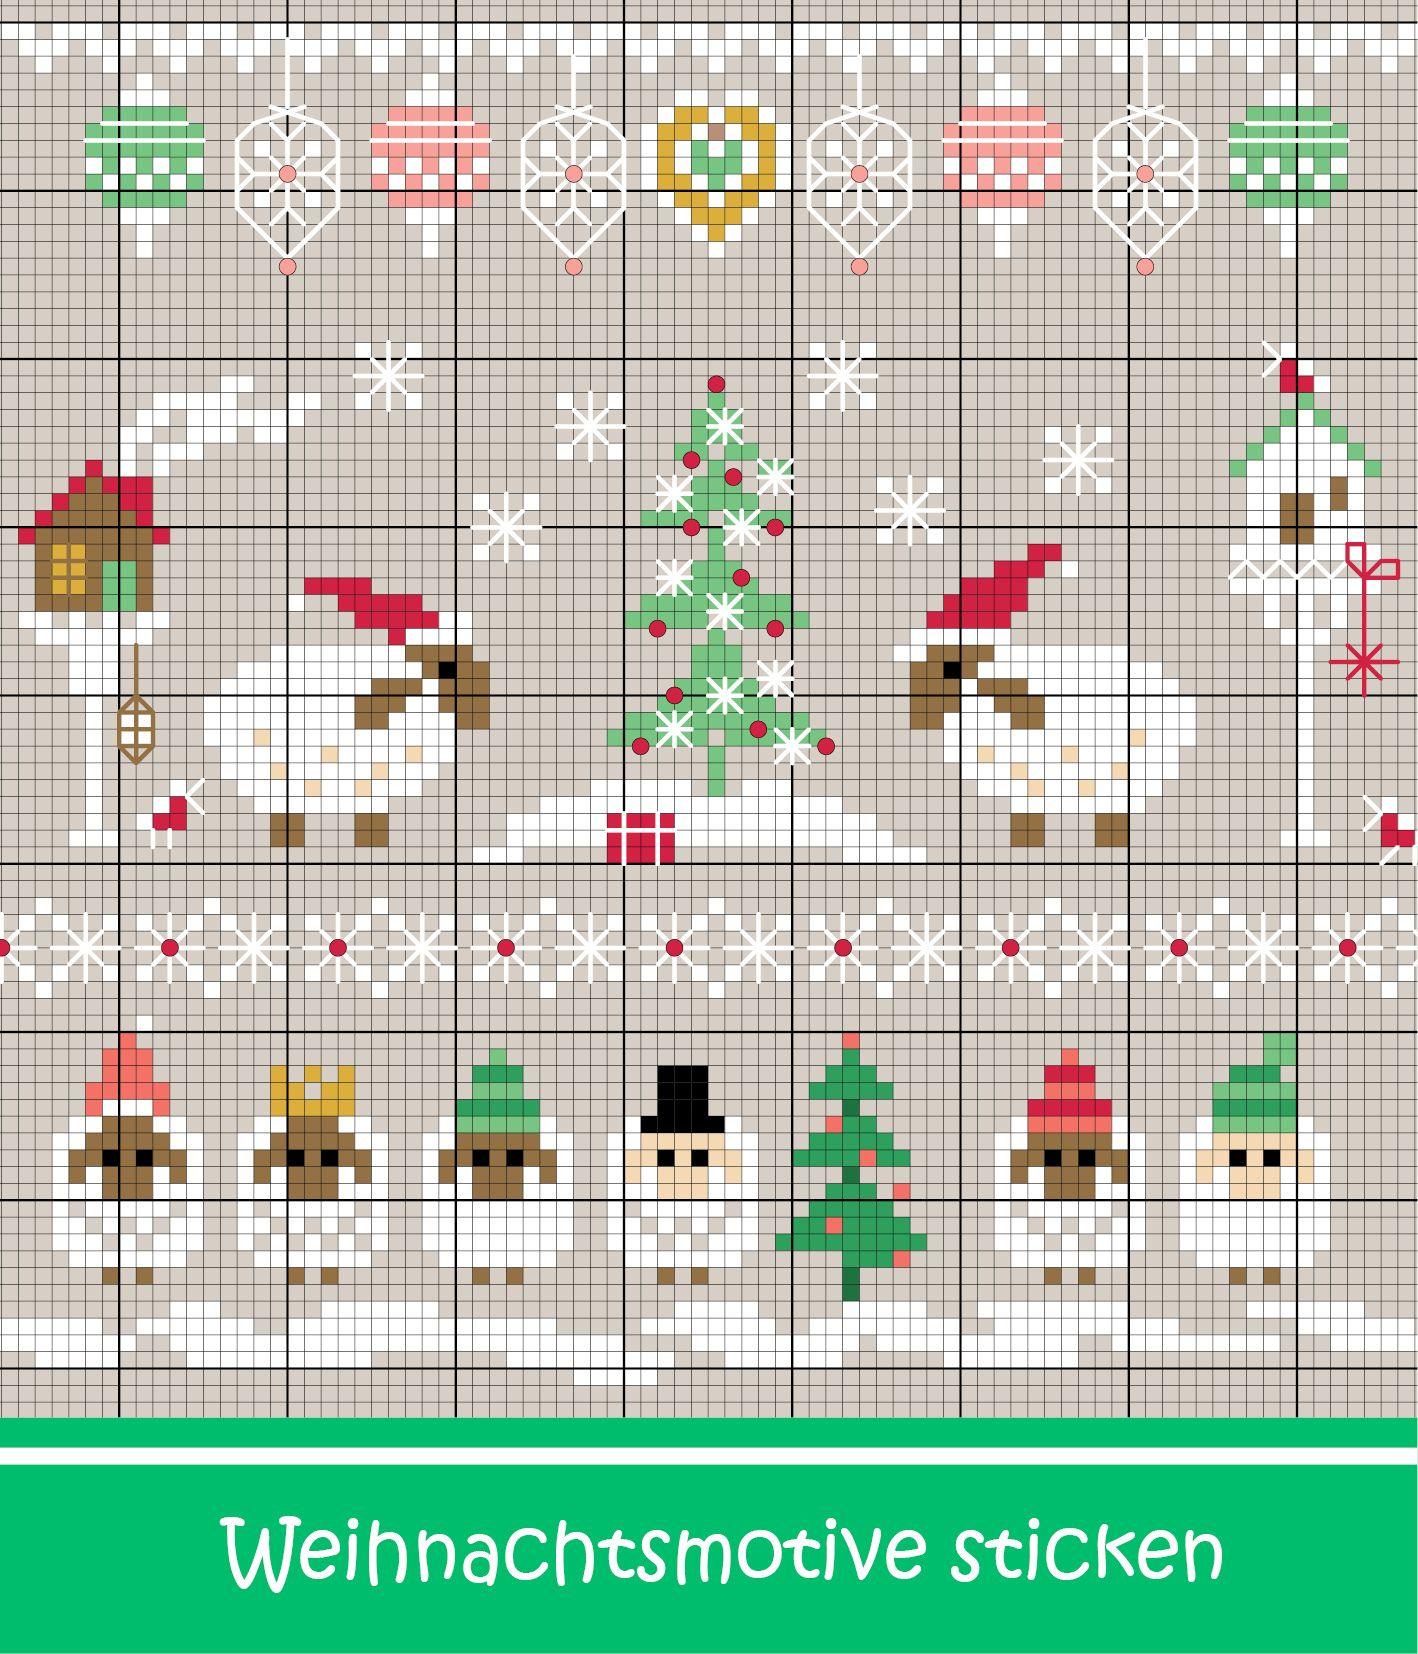 Weihnachtliche Schafe sticken - Entdecke zahlreiche kostenlose ...